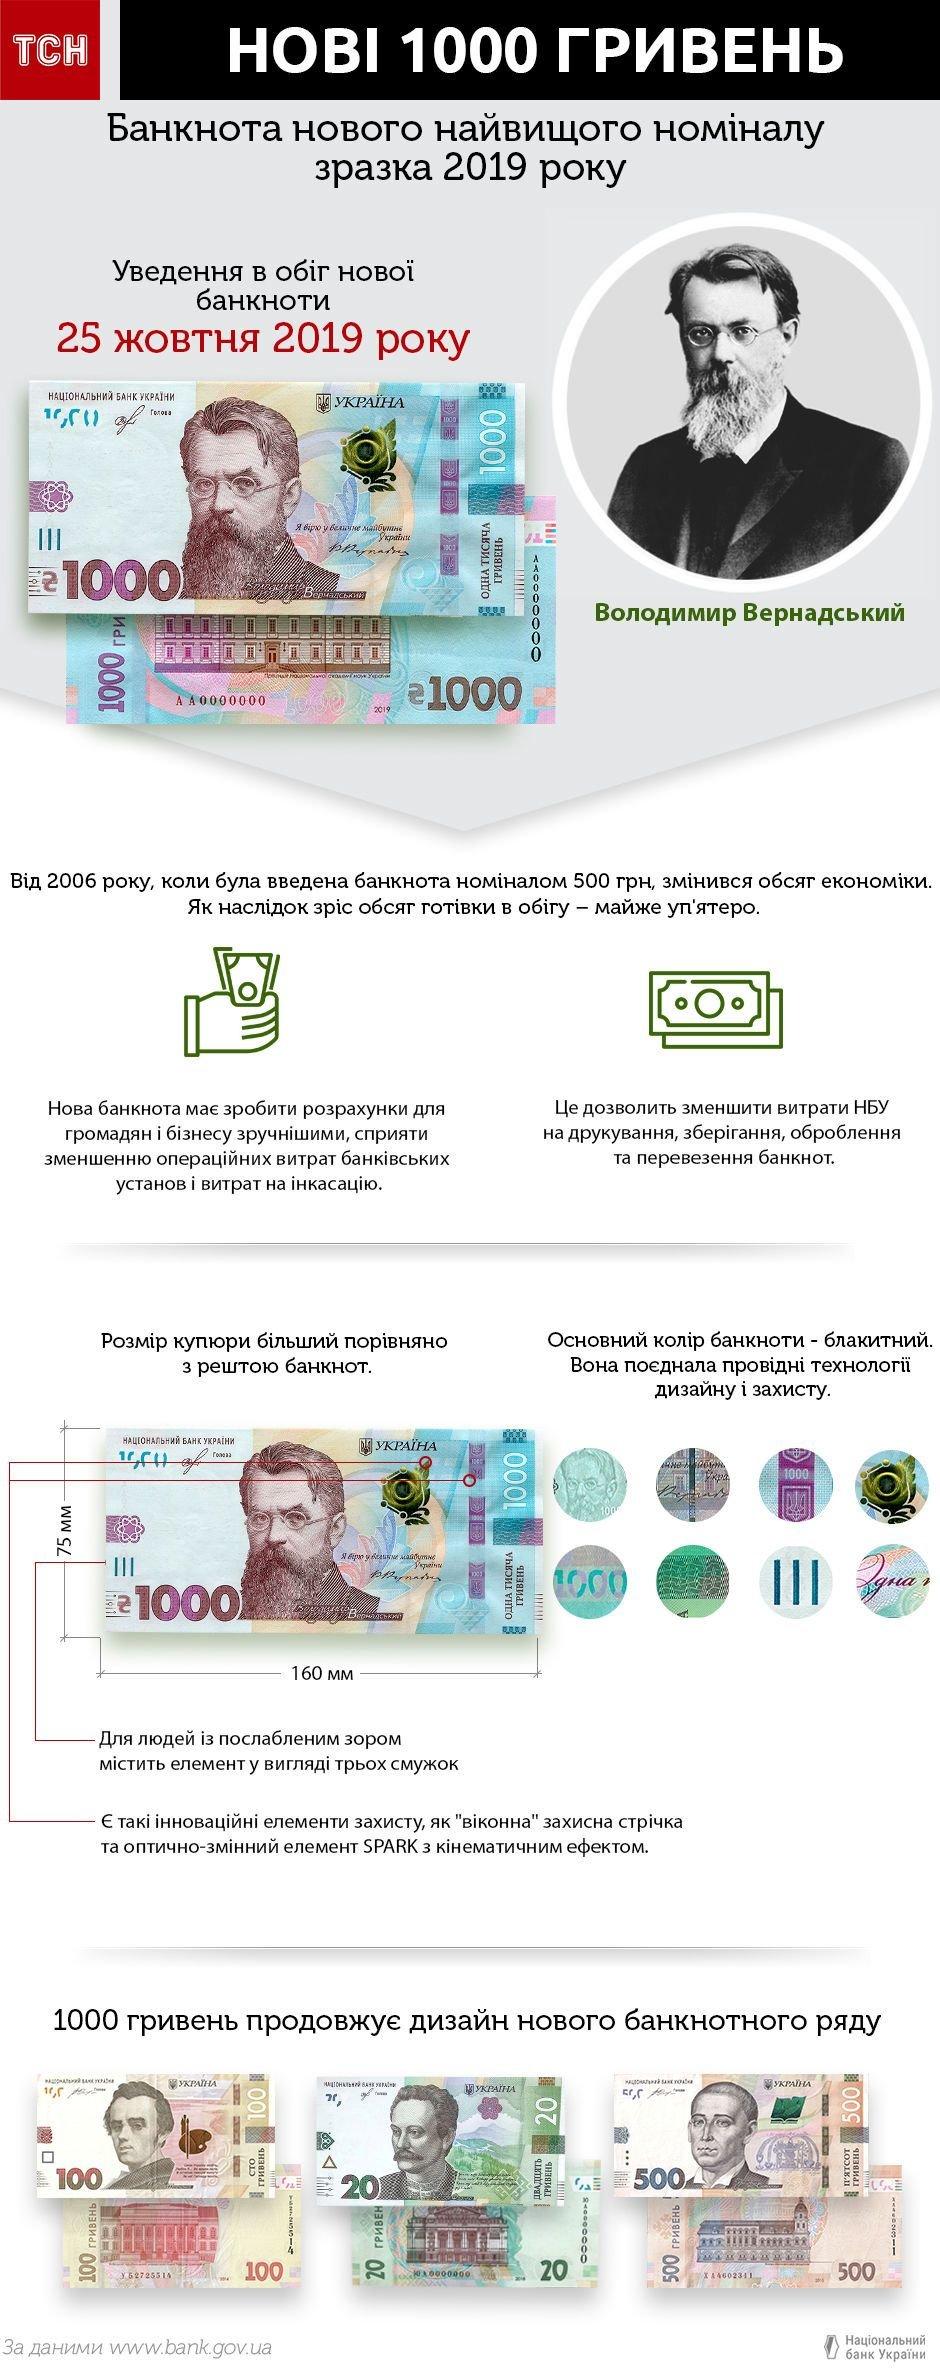 В Україні з'явиться банкнота нового найвищого номіналу – 1000 гривень (ФОТО), фото-2